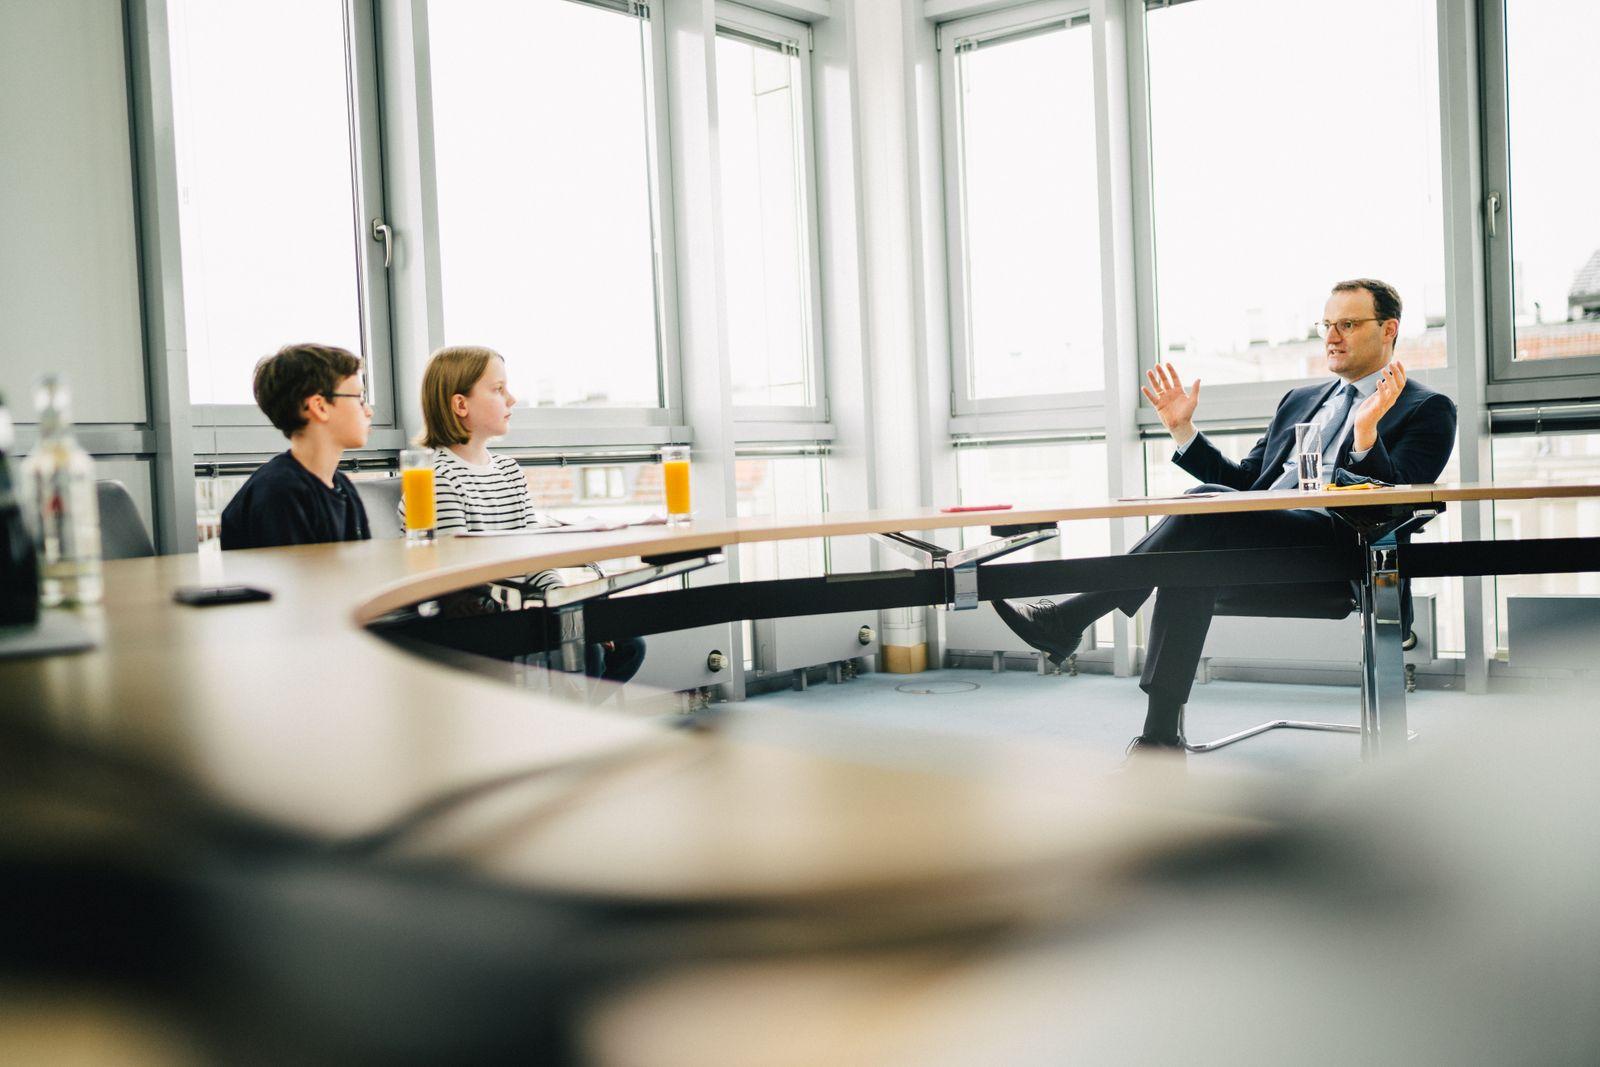 Bundesgesundheitsminister Jens Spahn im Kinderinterview mit Jakob und Rosa im Bundesministerium für Gesundheit, Berlin